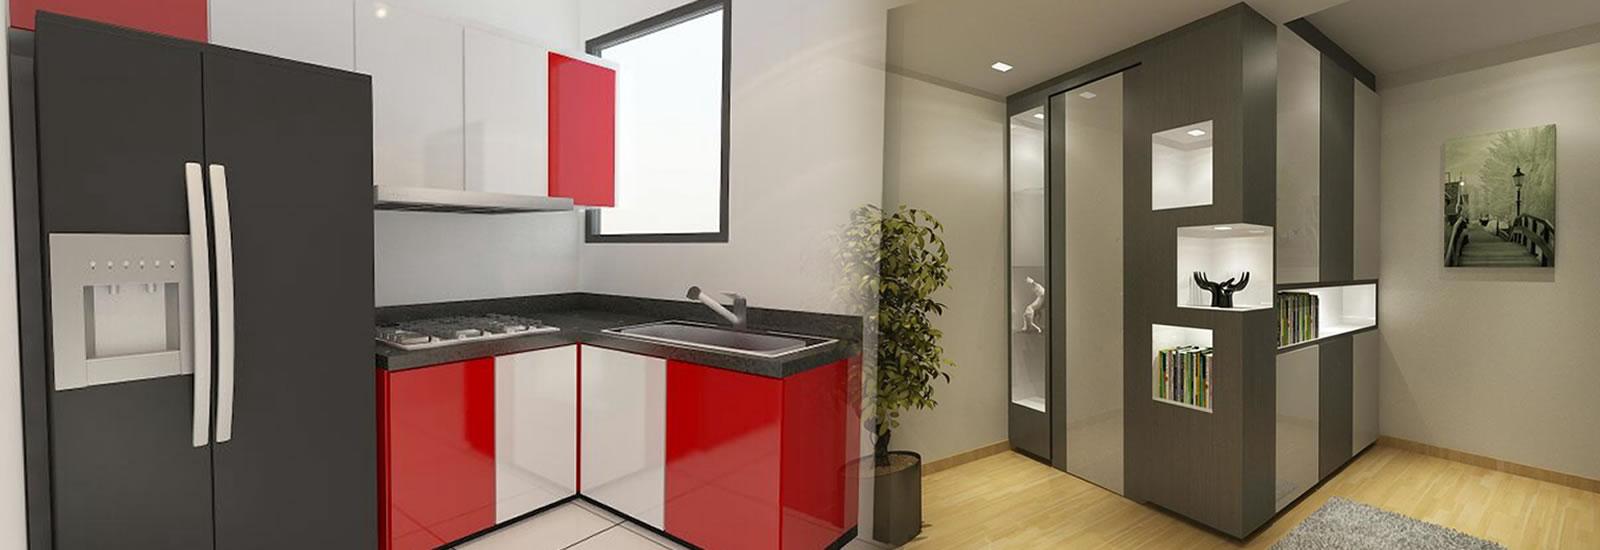 Interior design construction johor bahru jb for Home design johor bahru